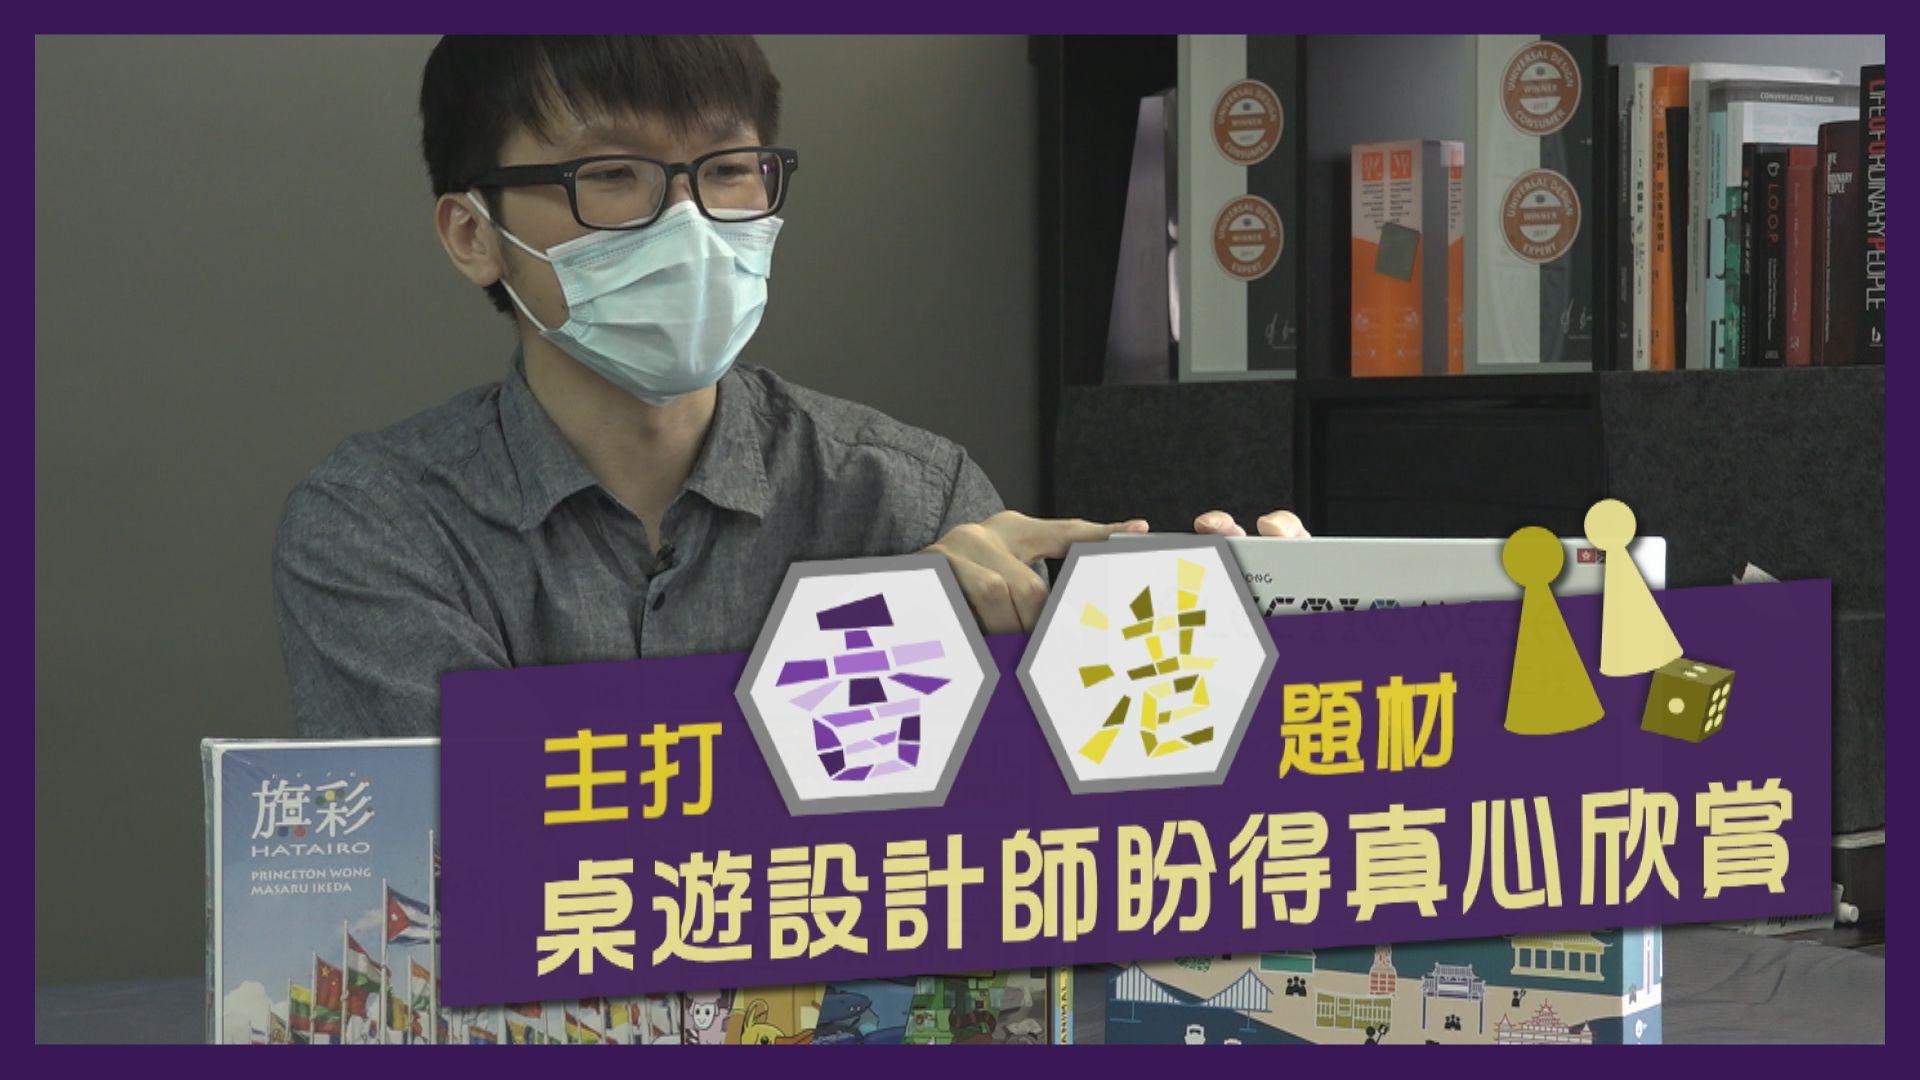 【本地創作】選舉工程、打工文化變遊戲 設計師盼桌遊融入香港特色